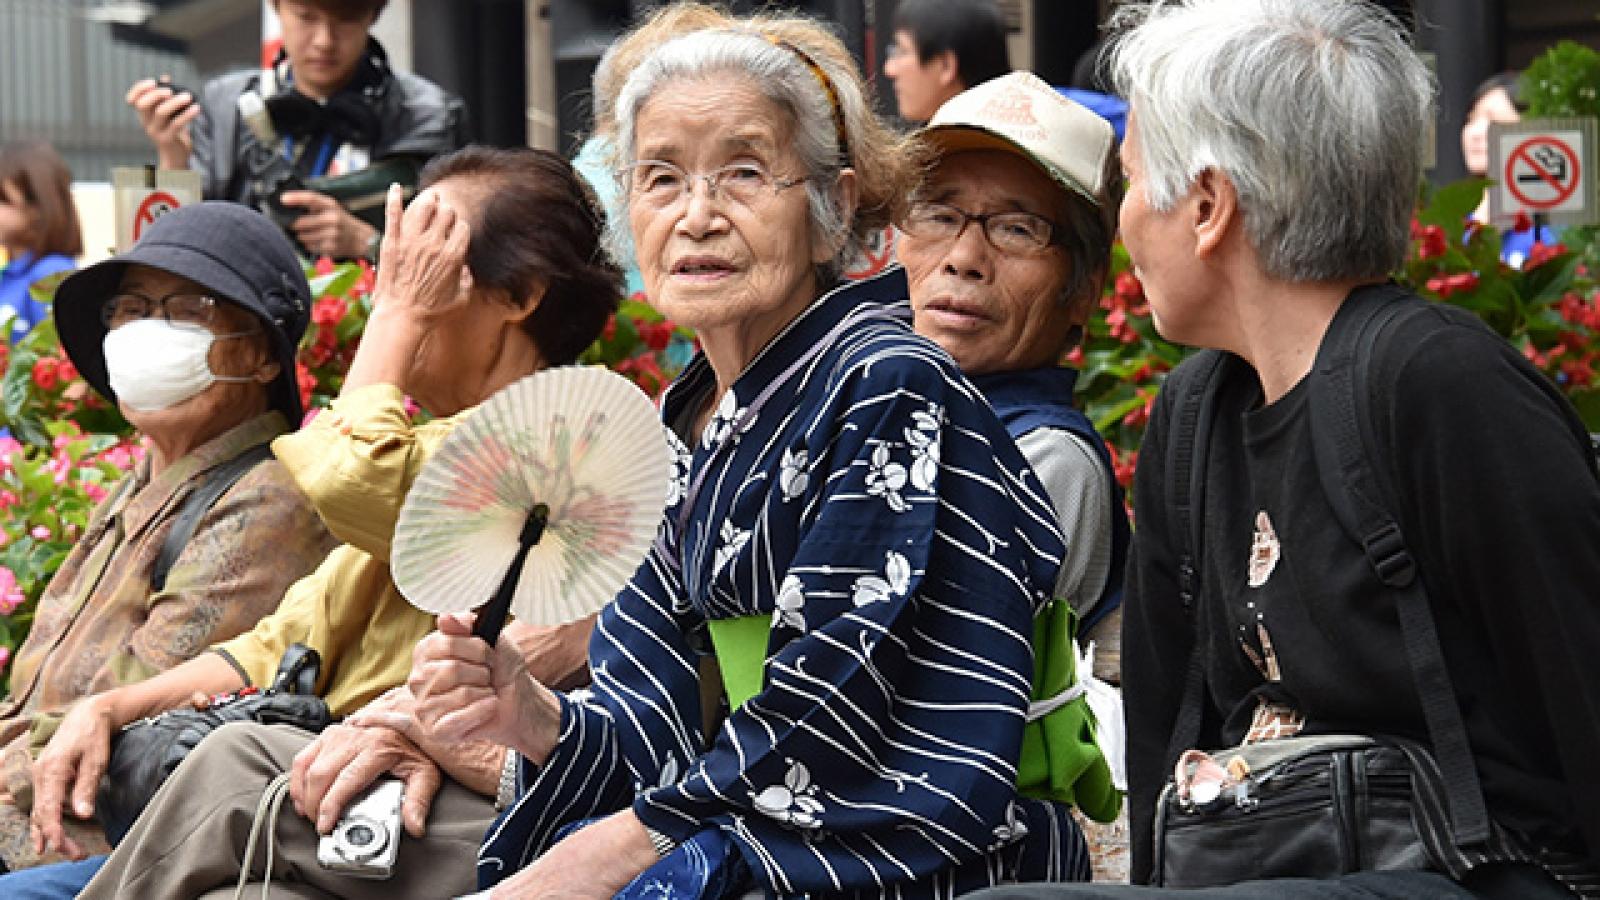 Tình trạng lão hóa dân số của Nhật Bản ngày càng trầm trọng